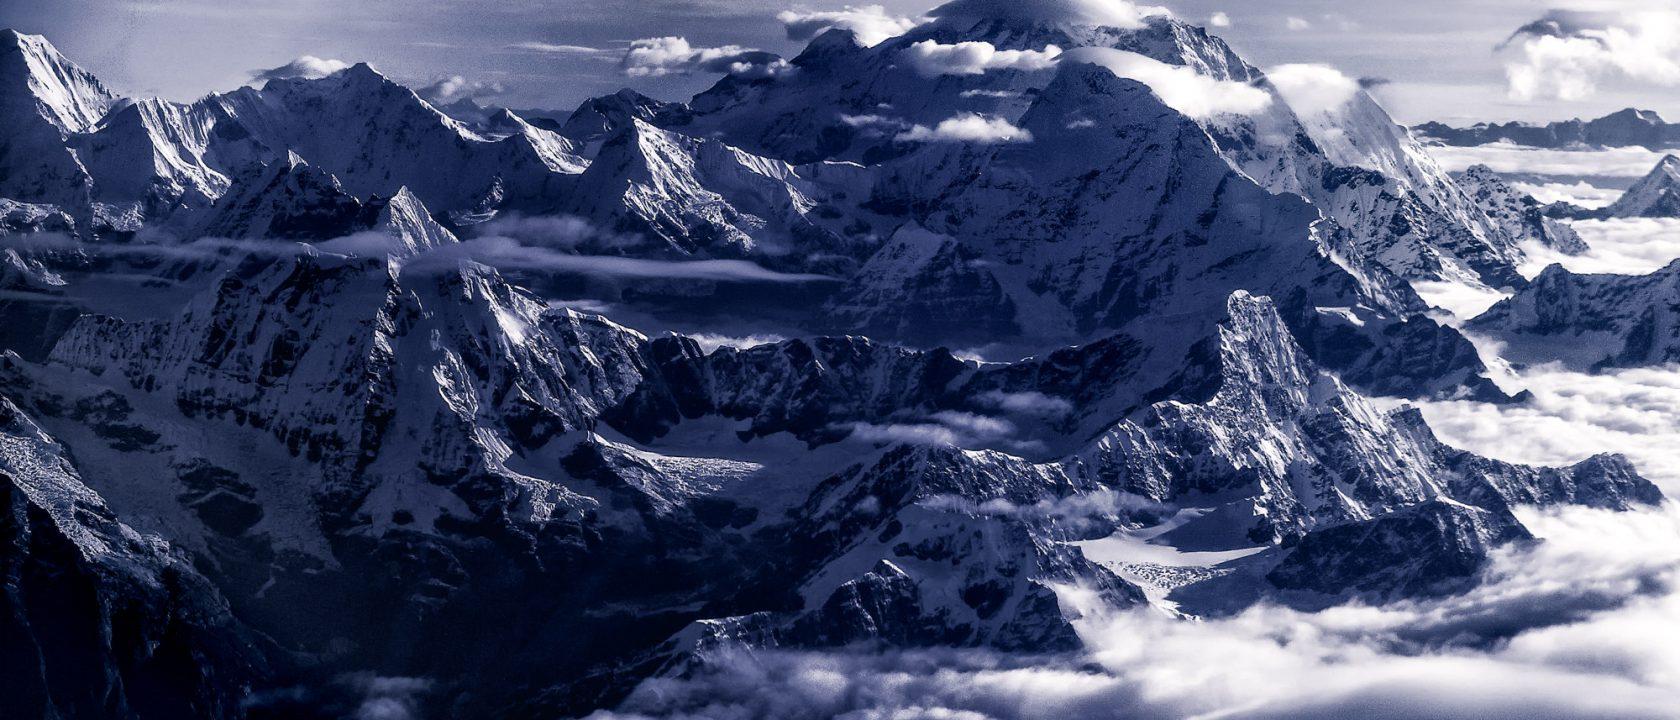 Reisefotografie - Mount Everest